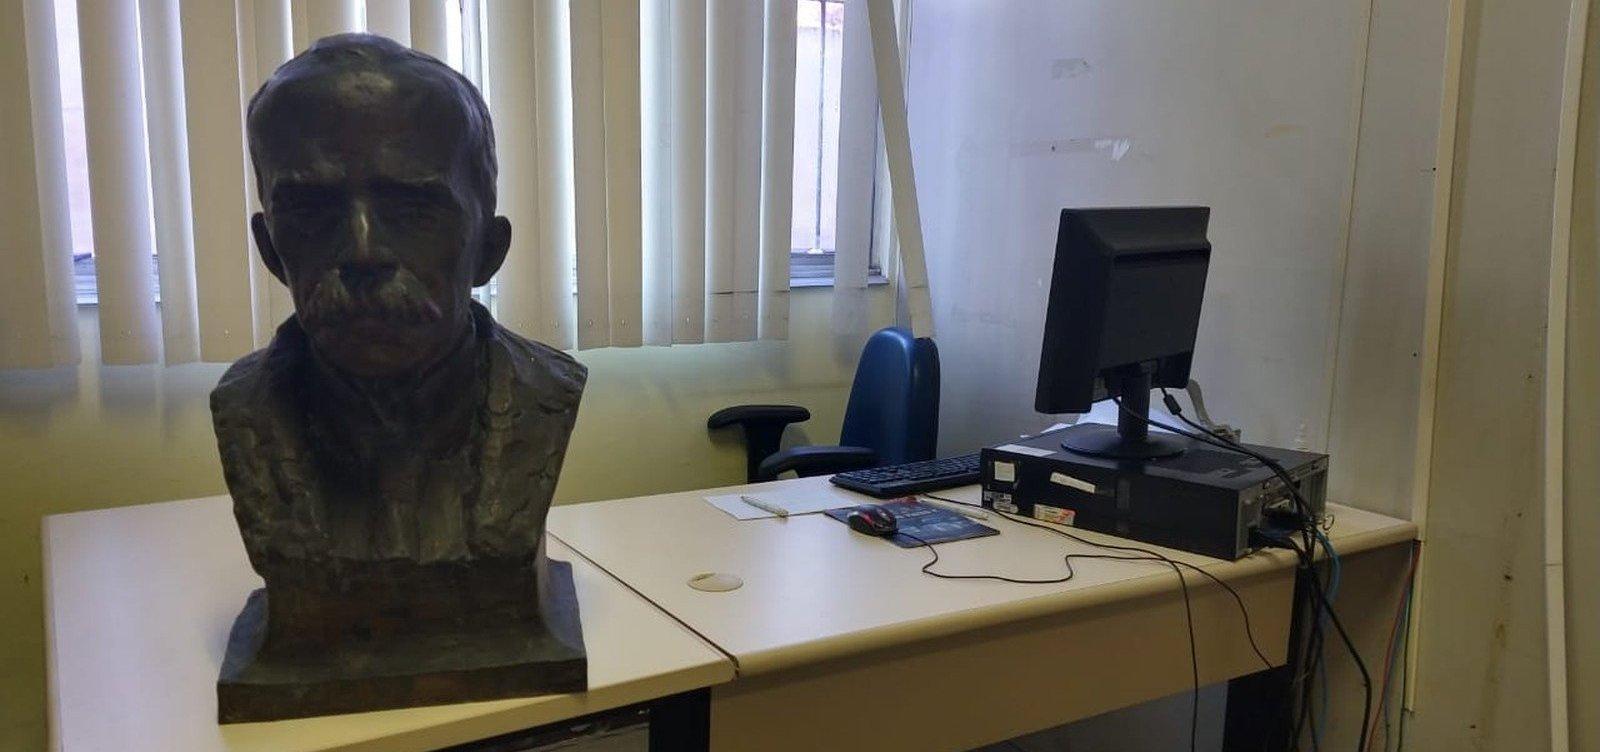 Busto de bronze de Ruy Barbosa é recuperado em ferro-velho